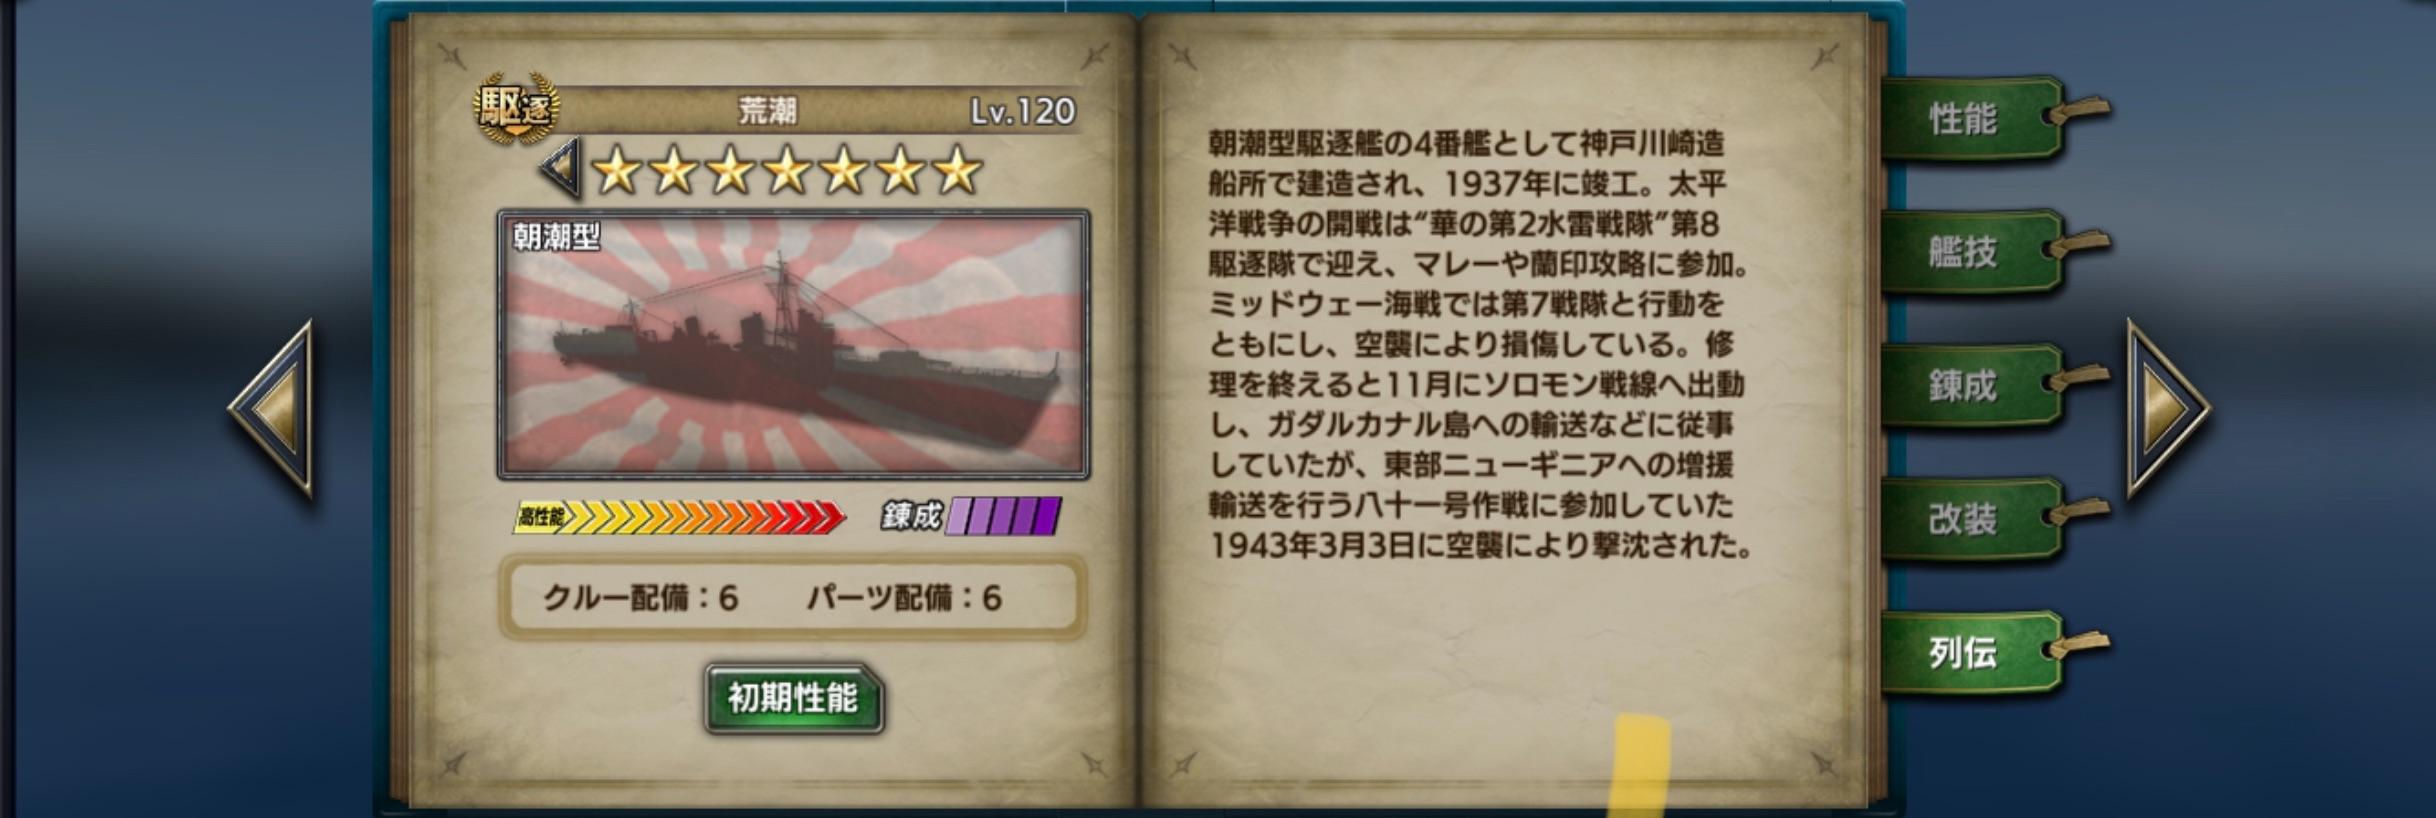 arashio-history